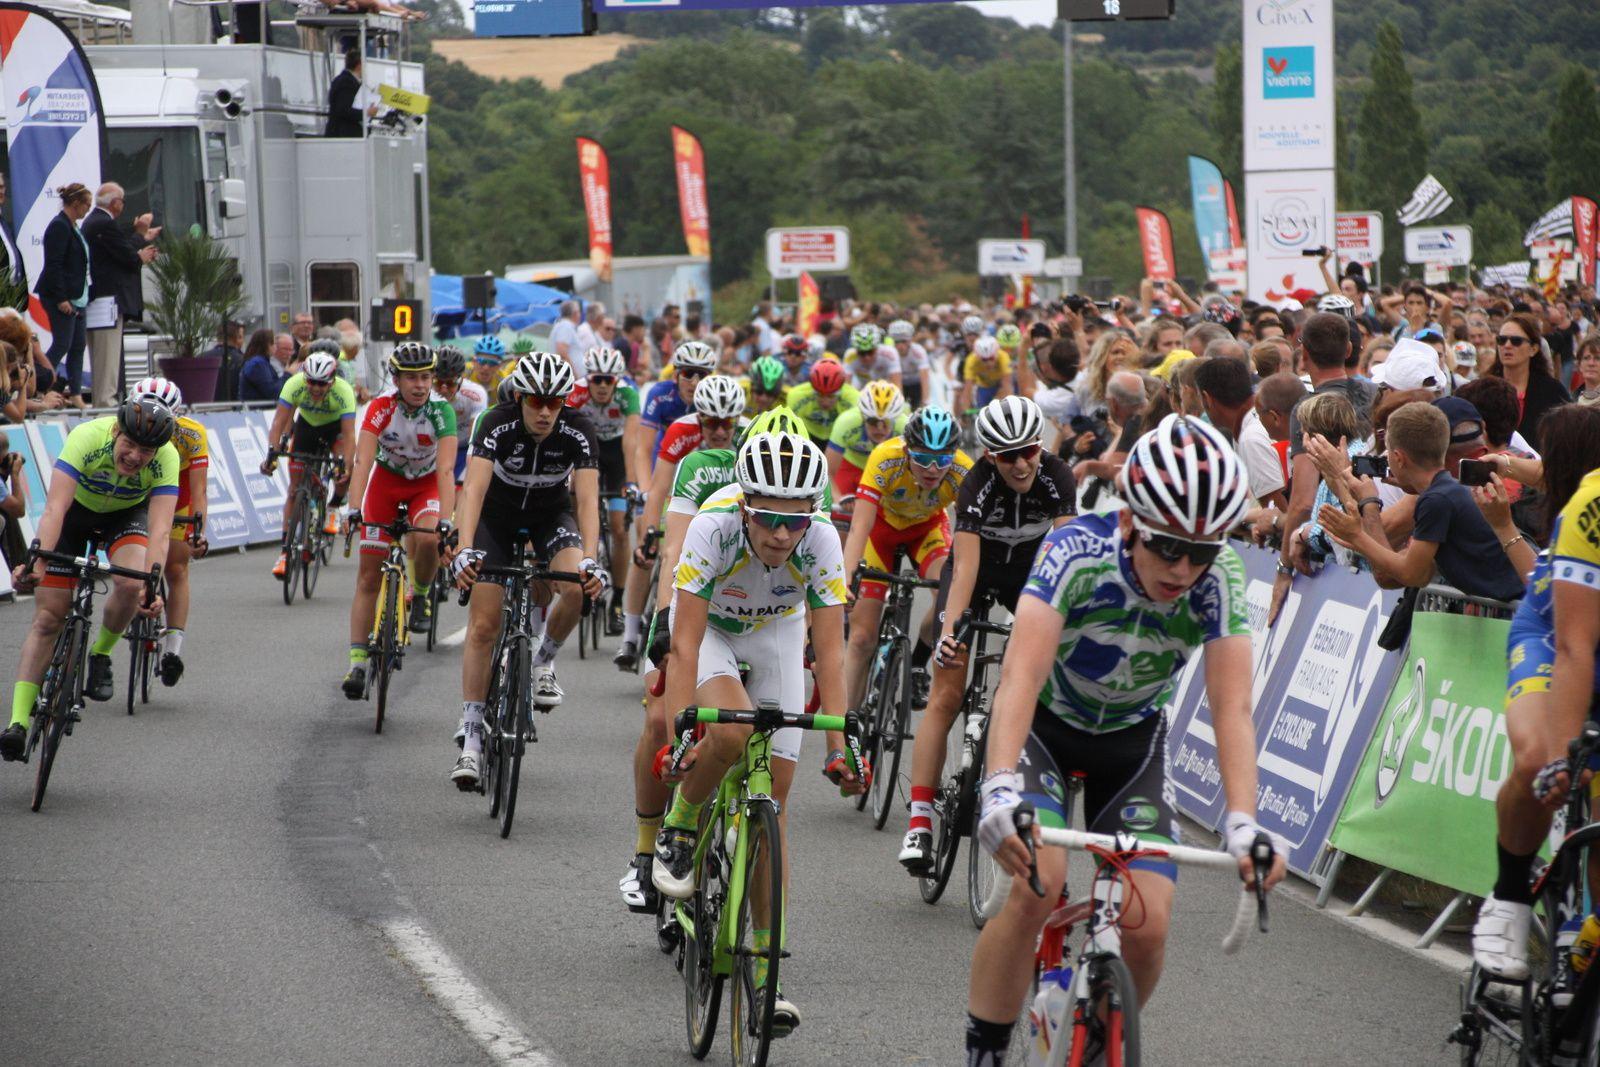 13e  place  pour  Valentin  COLLET (VC  Rochefort.Poitou-Charentes), 58e  Antonin  CORVAISIER(VC  Charente-Océan.Poitou-Charentes), 93e  Mathis  BERNARD(VC  Charente-Océan.Poitou-Charentes).